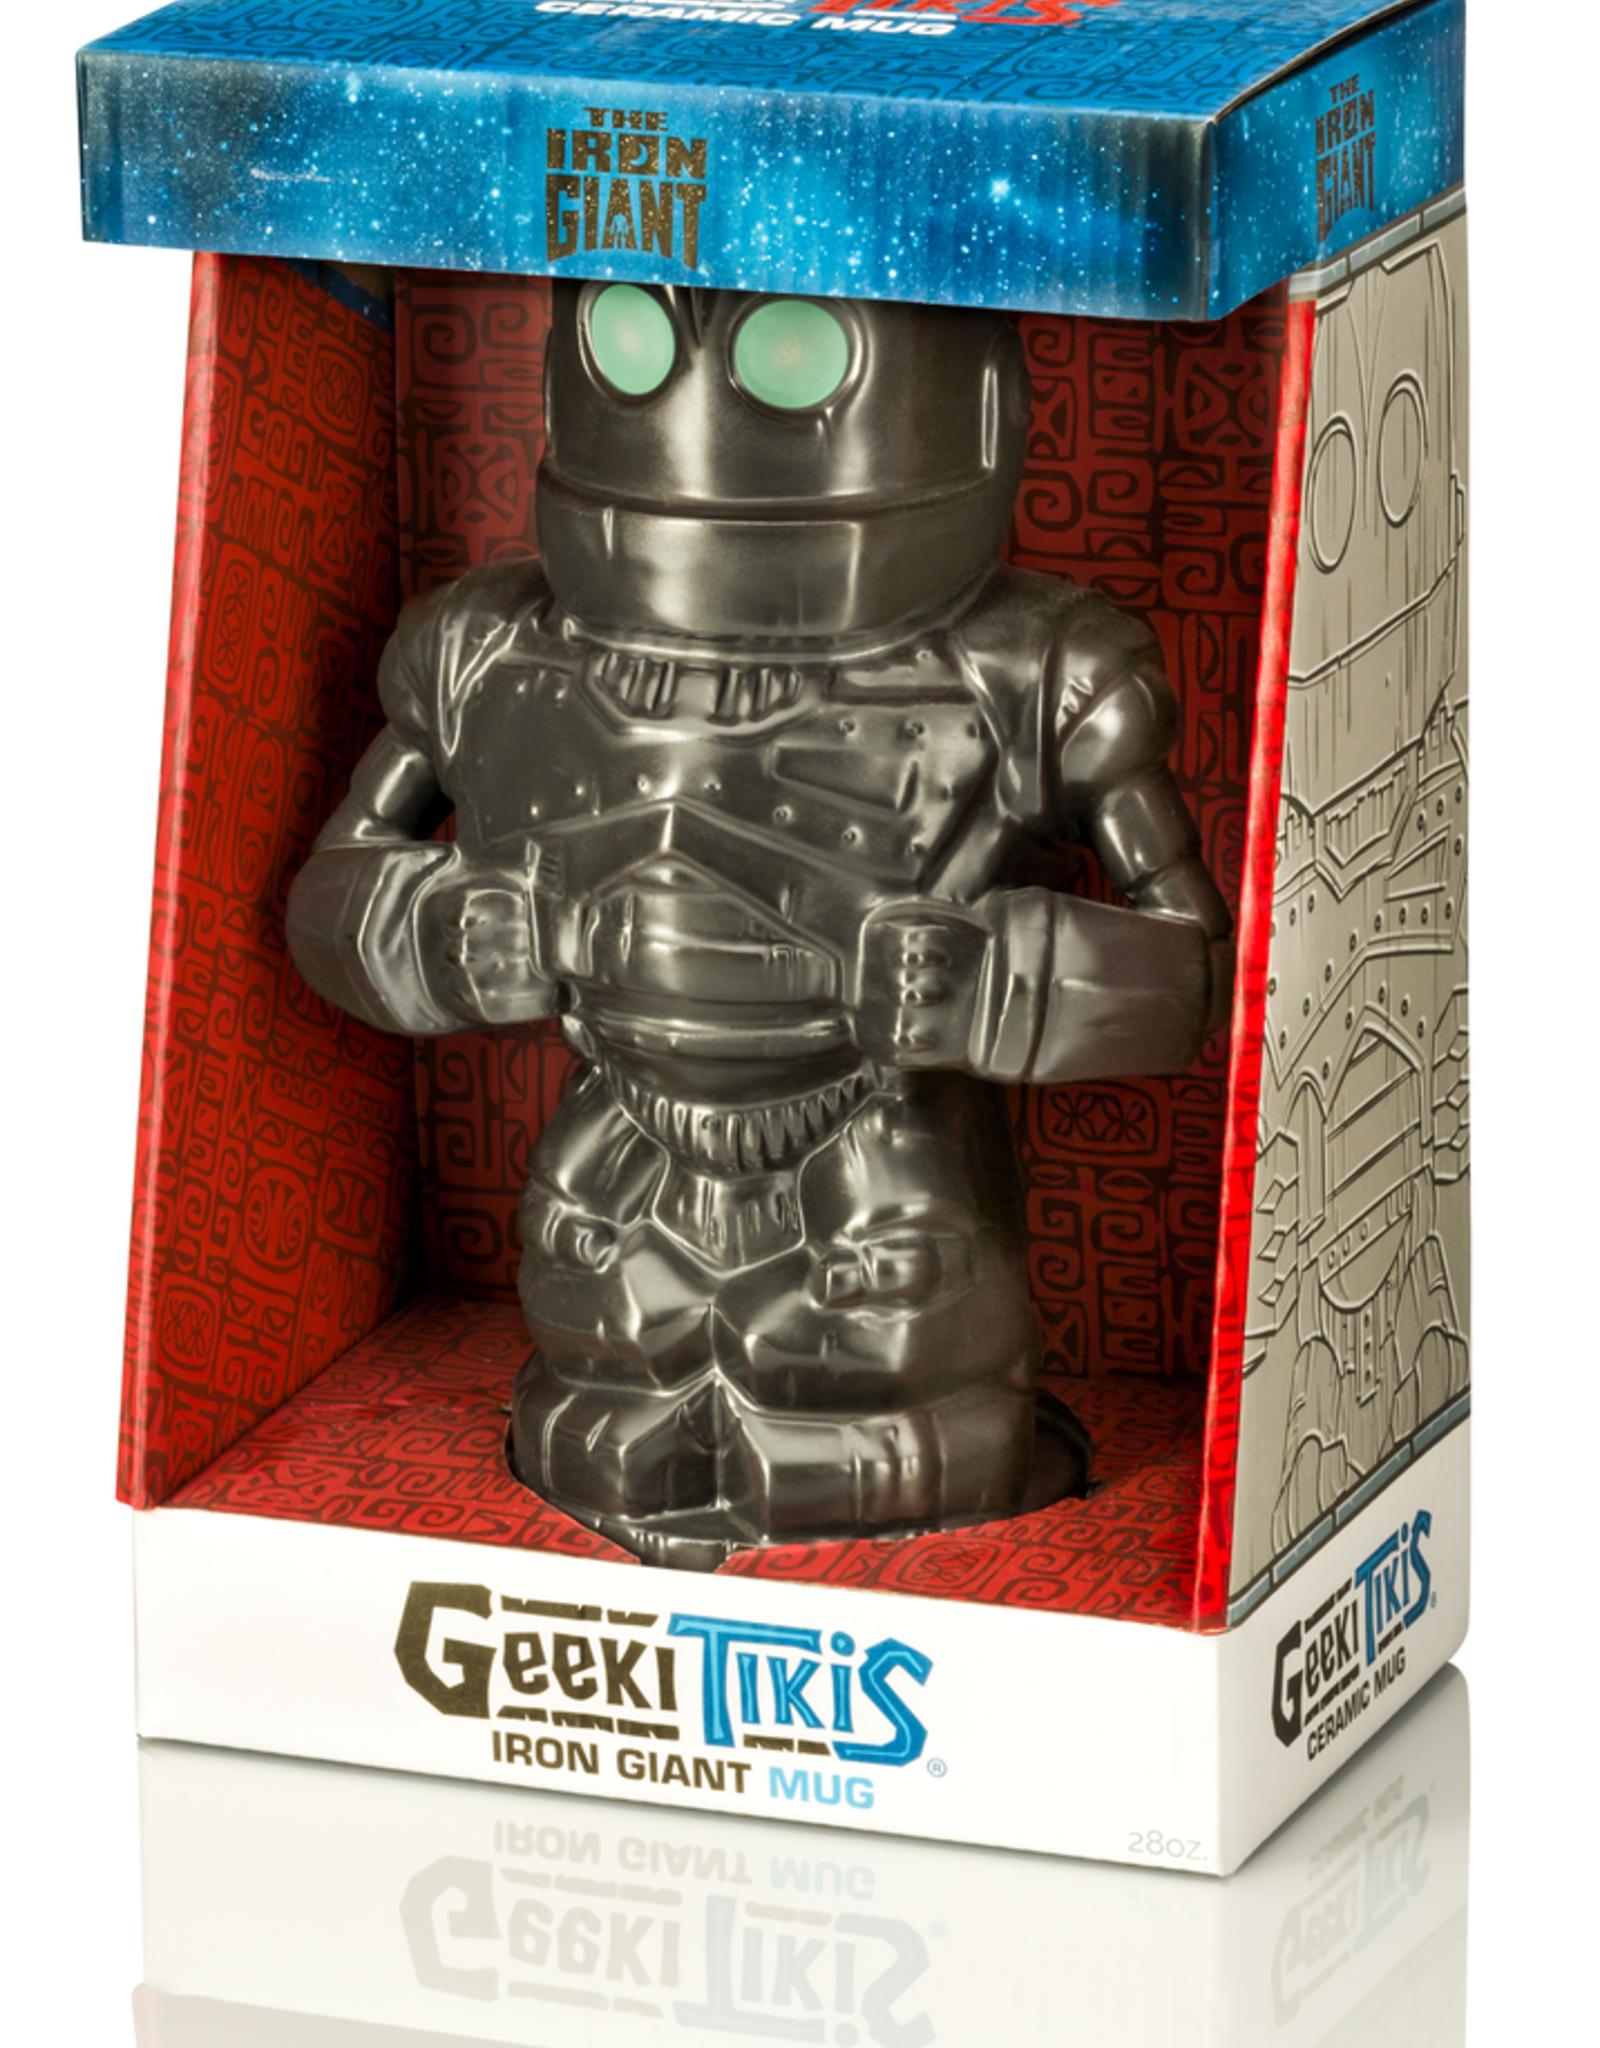 Geeki Tikis - Iron Giant